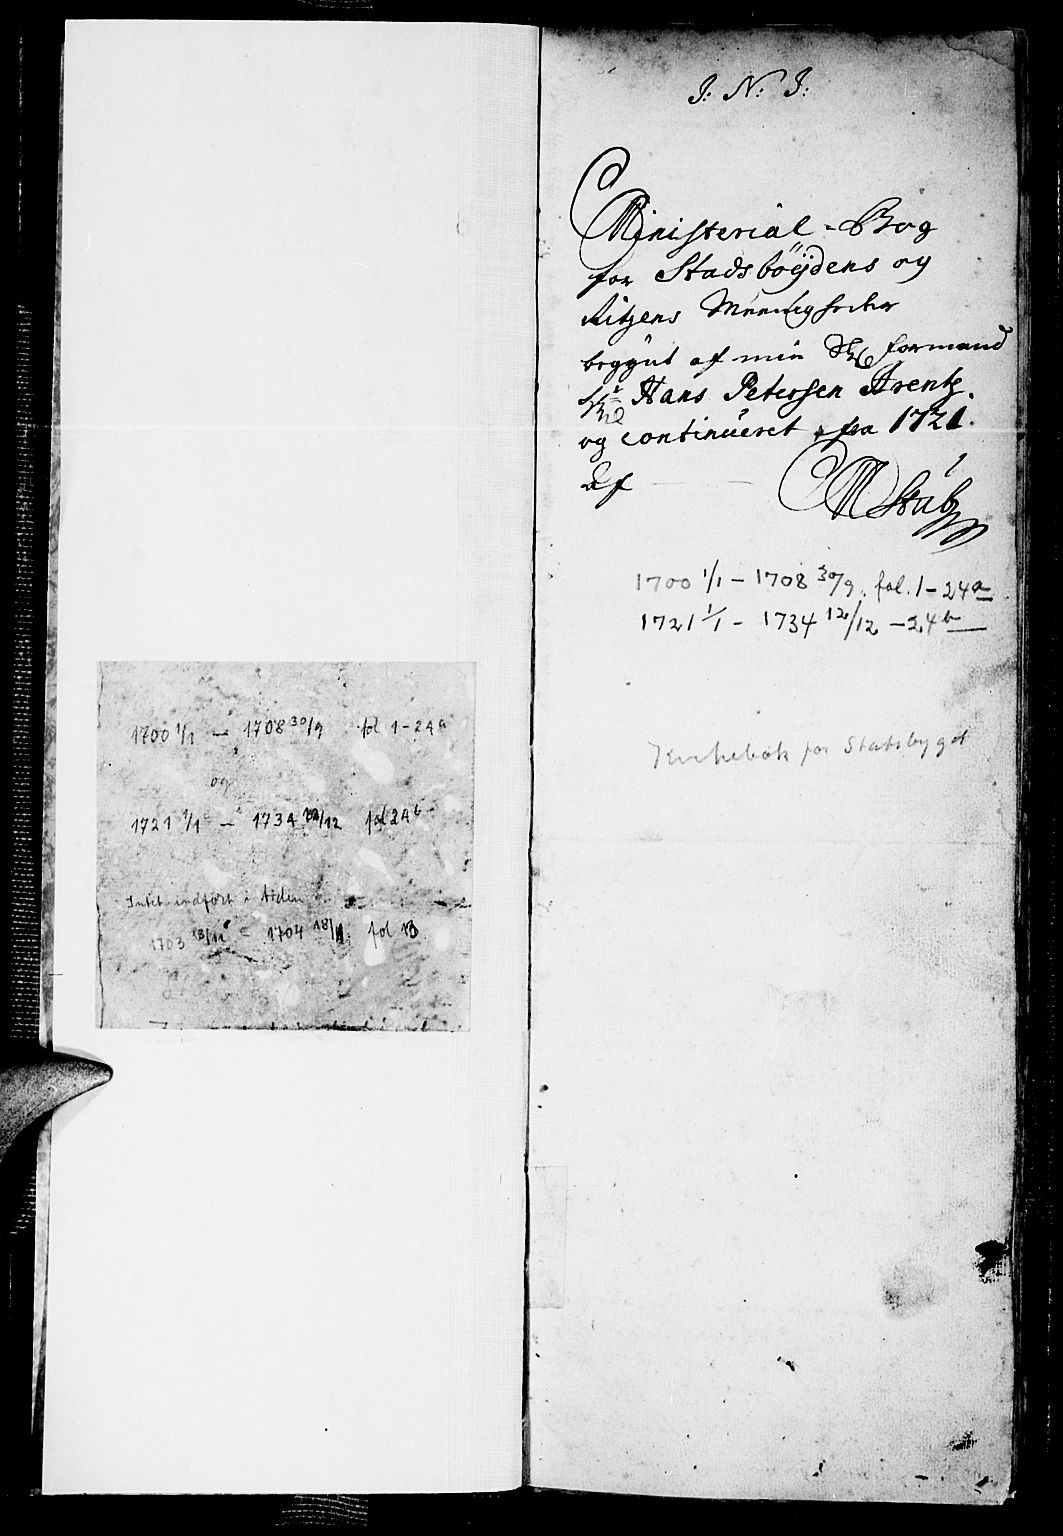 SAT, Ministerialprotokoller, klokkerbøker og fødselsregistre - Sør-Trøndelag, 646/L0603: Ministerialbok nr. 646A01, 1700-1734